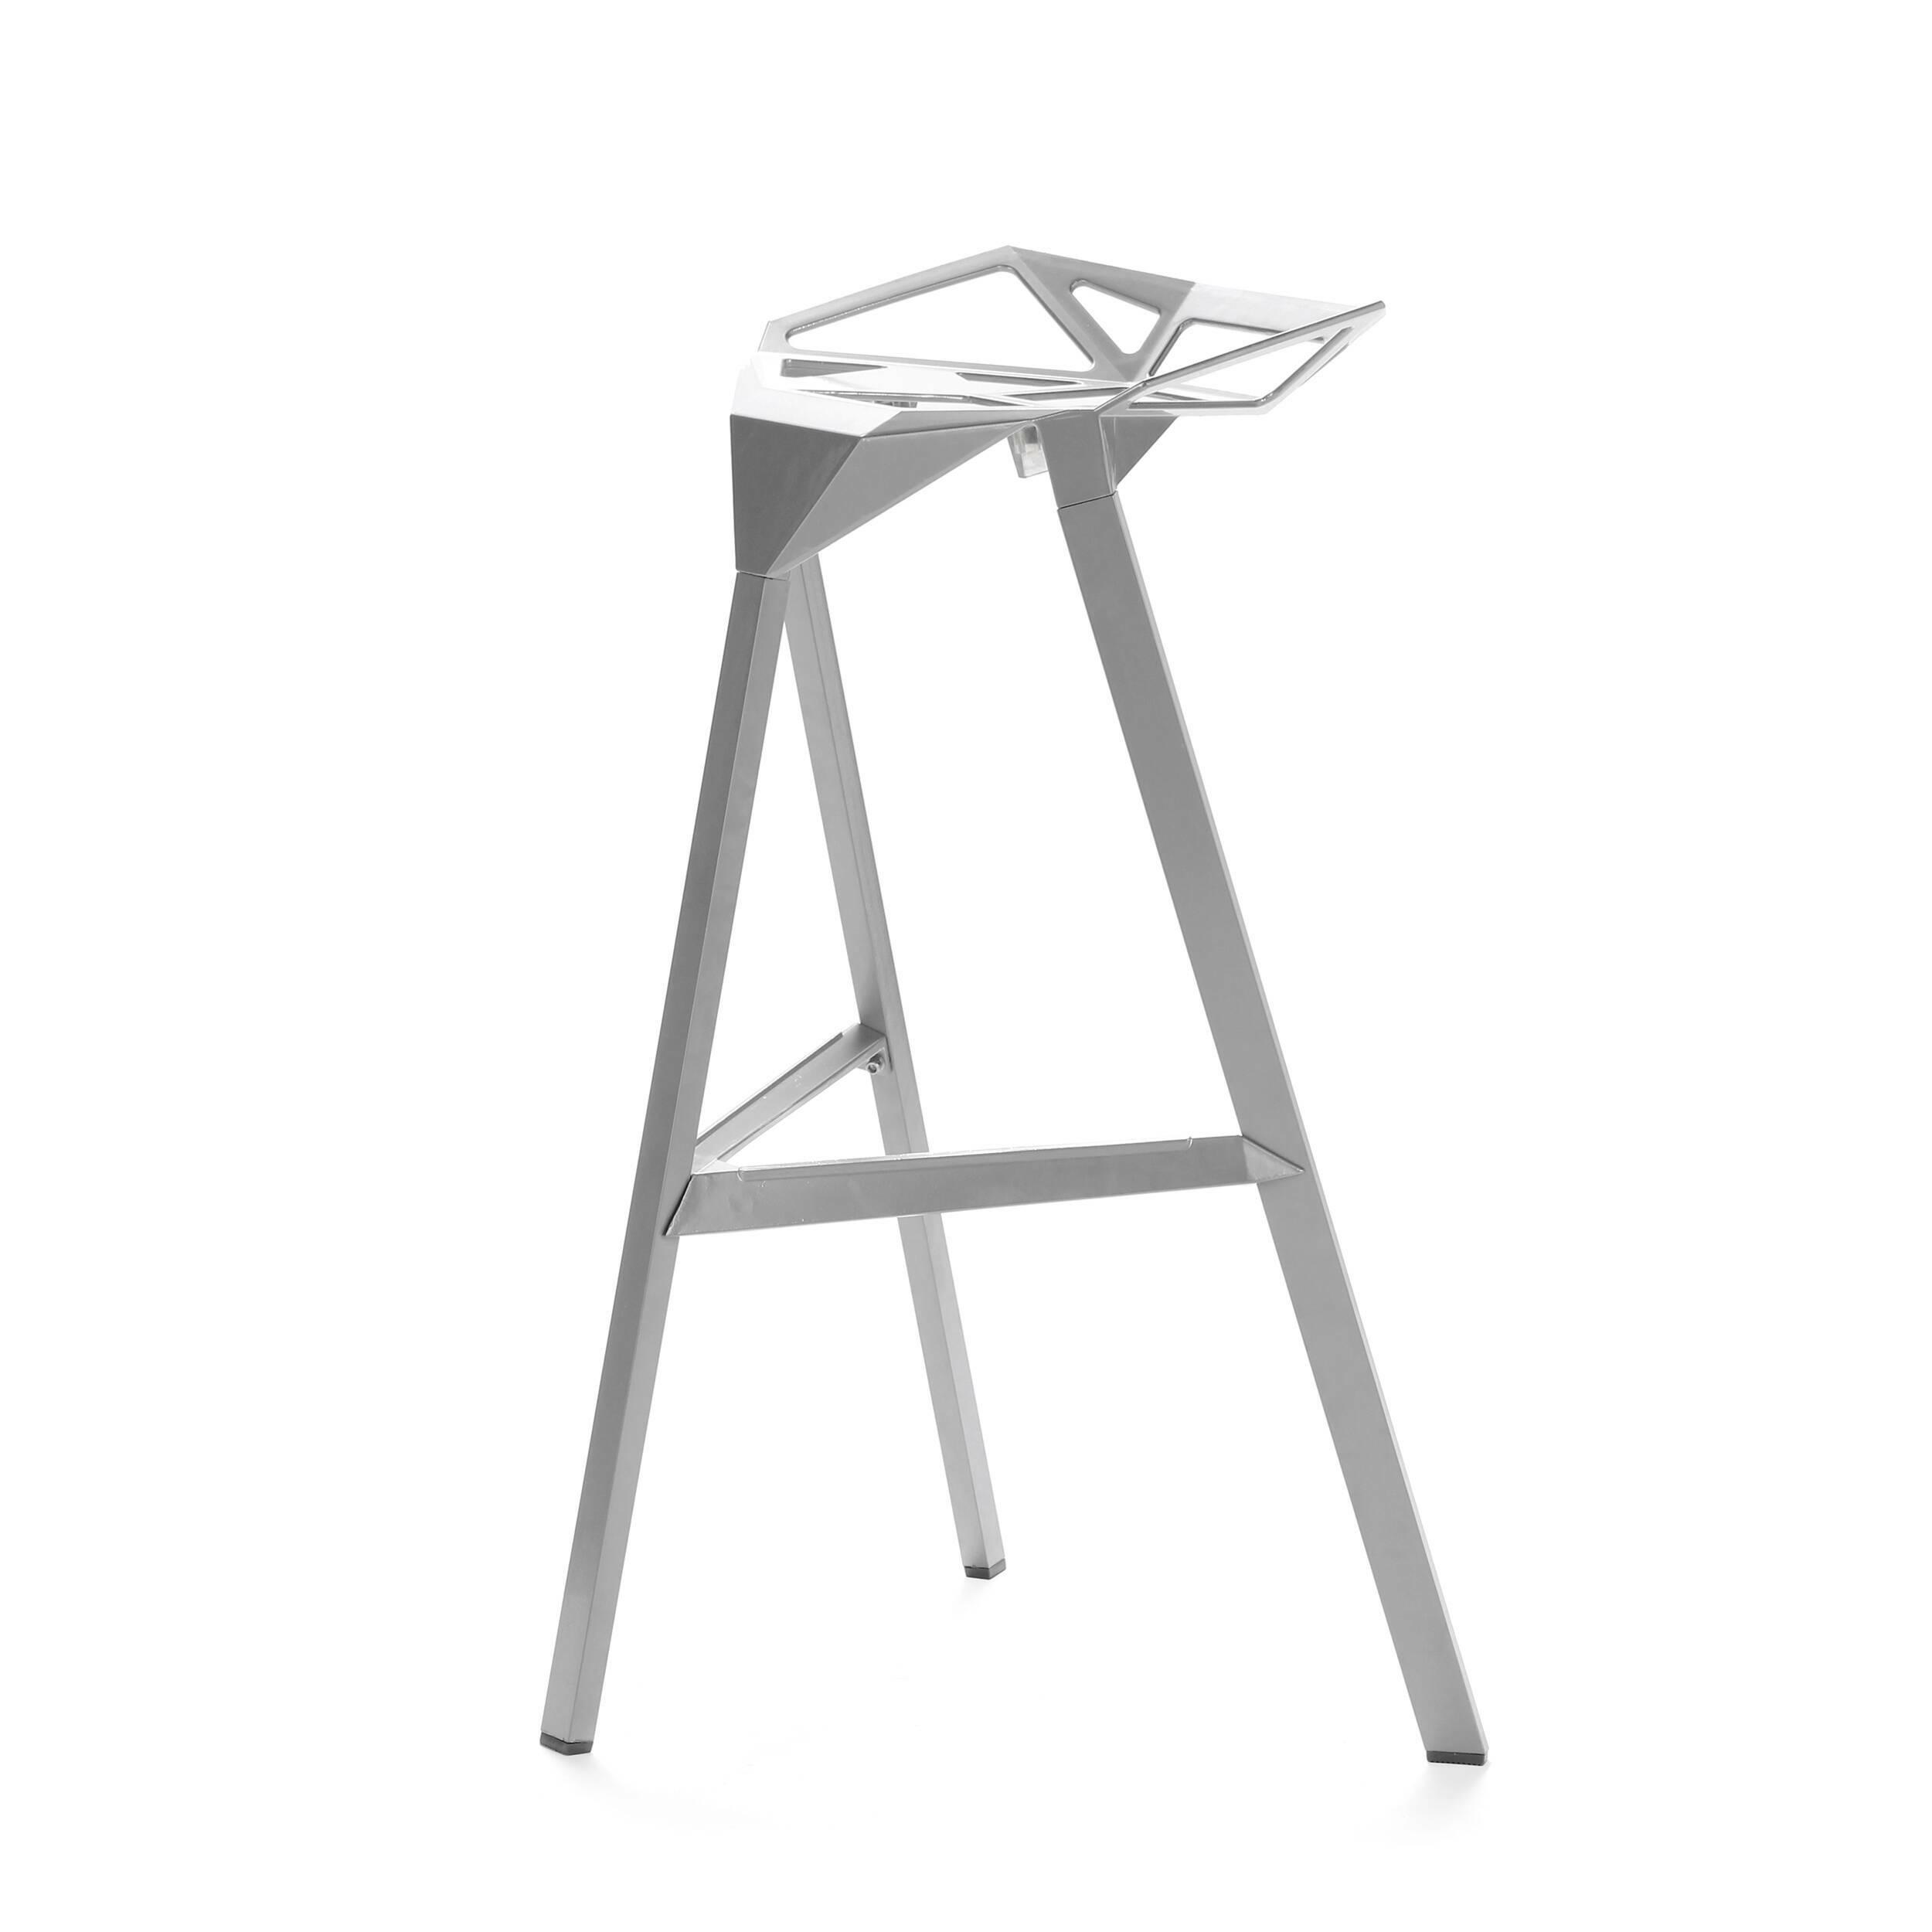 Барный стул OneБарные<br>Дизайнерский креативный барный стул One (Уан) из алюминия на трех ножках от Cosmo (Космо). <br><br>     Легендарный барный стул One отличается стильным и эпатажным внешним видом, при этом он очень удобен в использовании. Литые алюминиевые планки, причудливо соединtнные между собой в практичное сиденье, в своей передней части переходят в каркасную опору из трех широко поставленных ножек. Индустриальный минимализм такого стула неоспорим, но для конструктивного стиля он также превосходно подойдет. Л...<br><br>stock: 0<br>Высота: 82,5<br>Высота сиденья: 77<br>Ширина: 41<br>Глубина: 36<br>Тип материала каркаса: Алюминий<br>Цвет каркаса: Серебряный